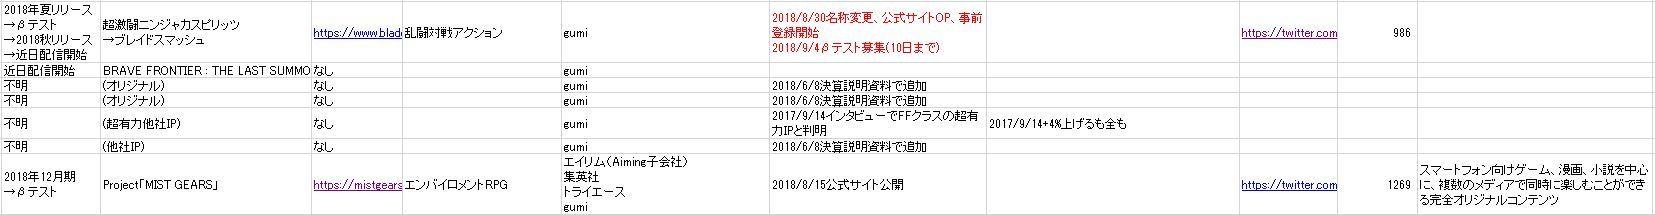 20180907gumi1.jpg